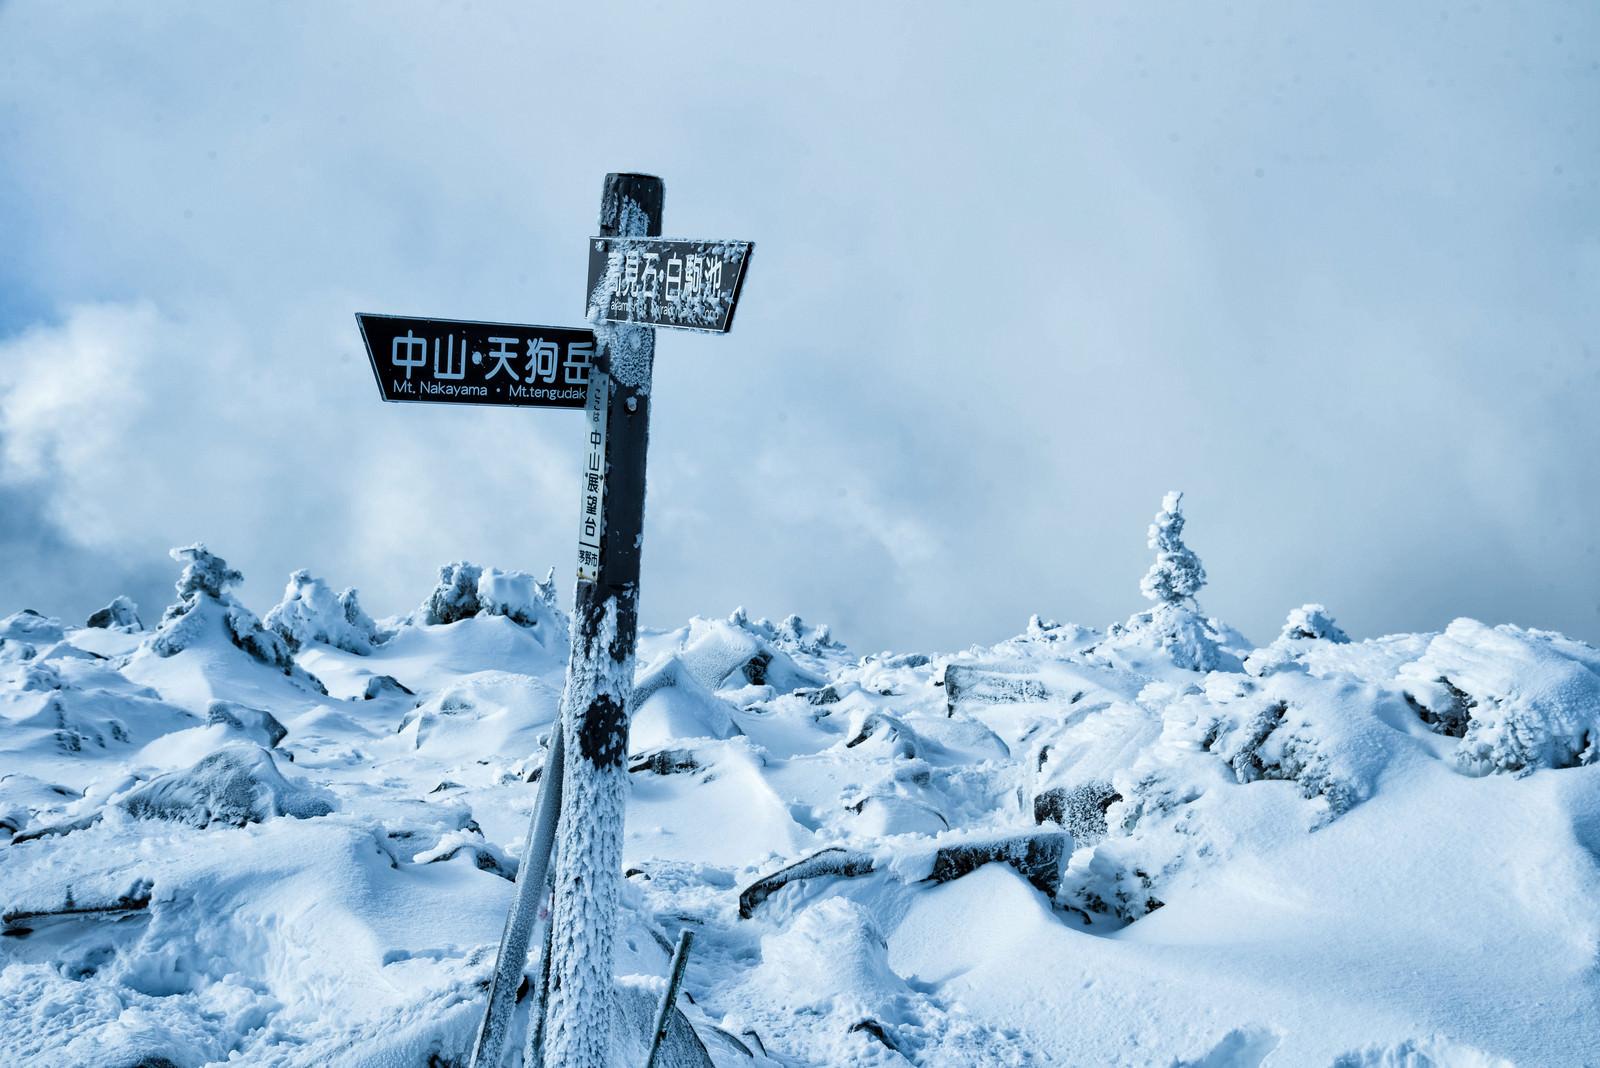 「厳冬期の中山峠展望台にある指導標」の写真